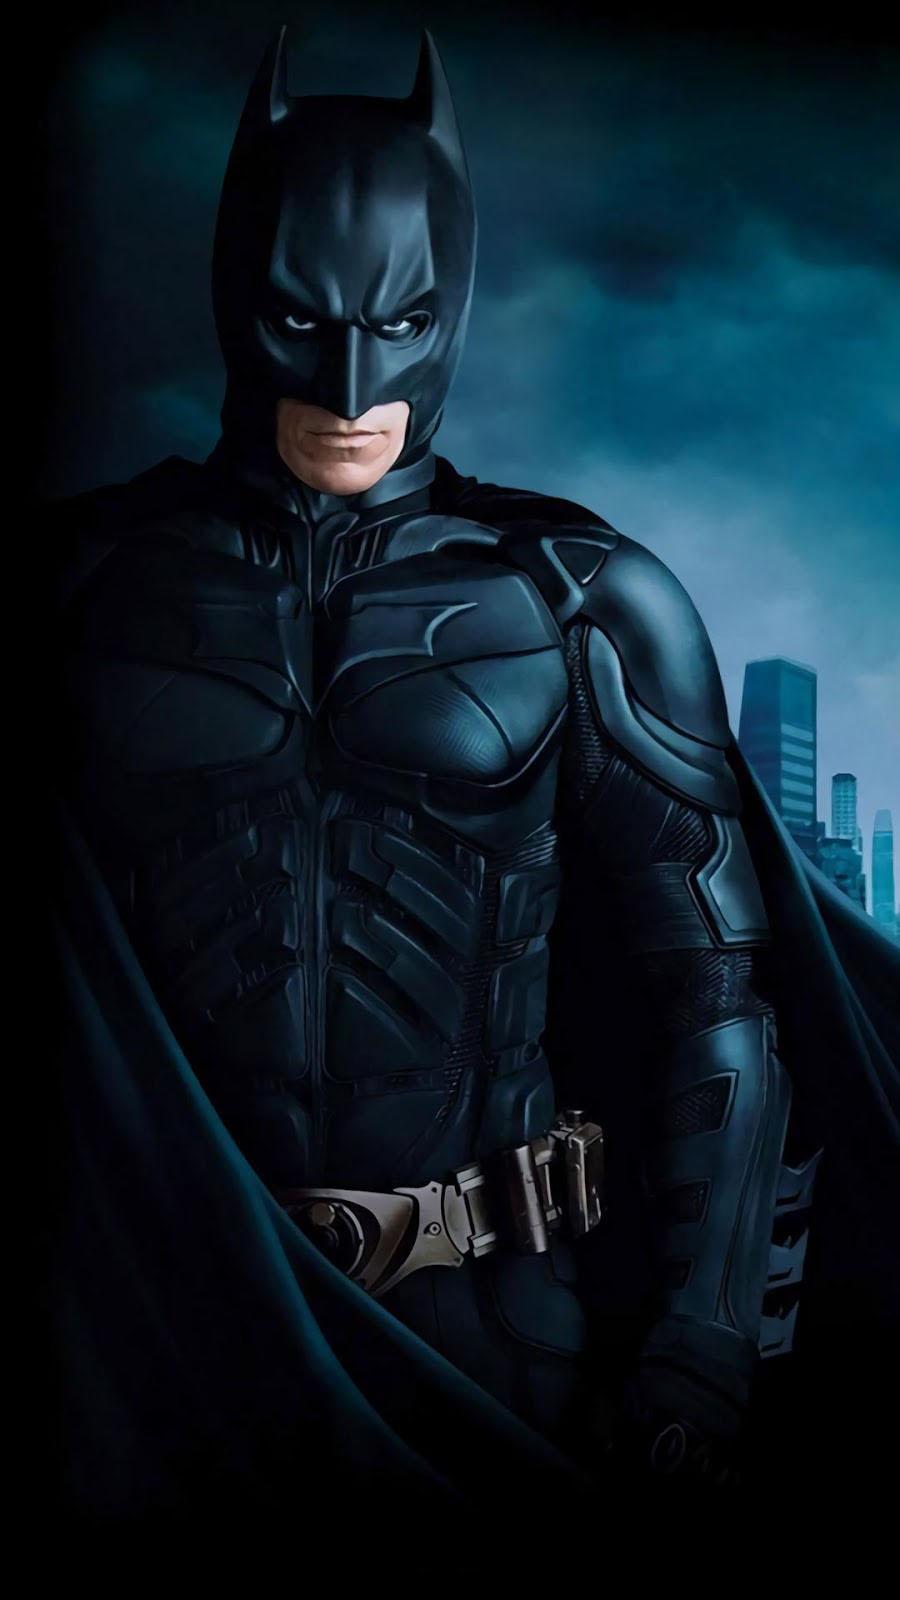 batman-fond-decran-smartphone-3